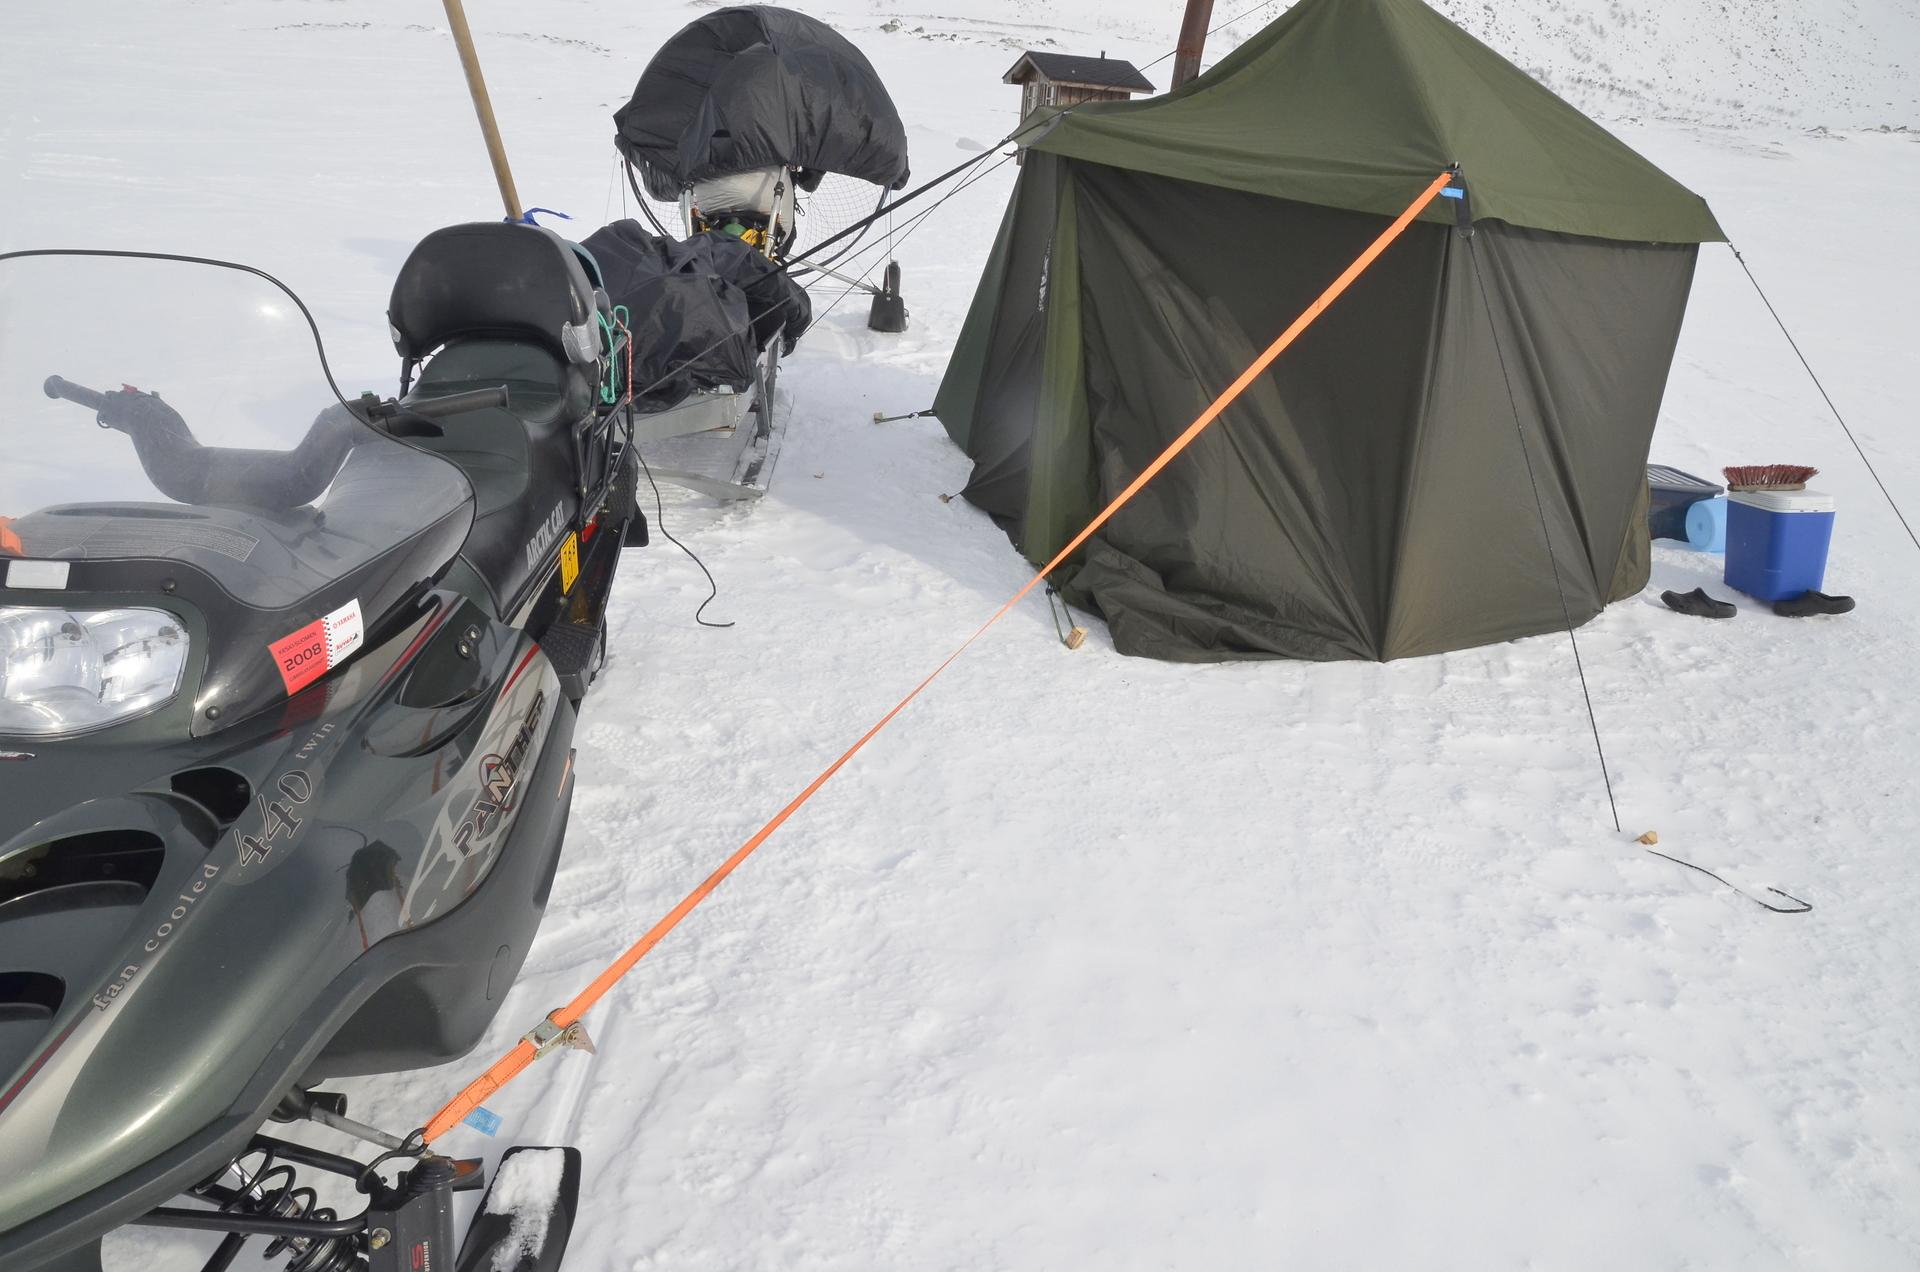 Keli oli kovin tuulinen, joten teltan sidontaan panostettiin erikoisen huolella. Silti yöllä välillä mietitytti teltan paikallaan pysyminen kun tuuli rempoi sitä oikein kunnolla. Aamu yöllä sitten jo nukutti makeasti.